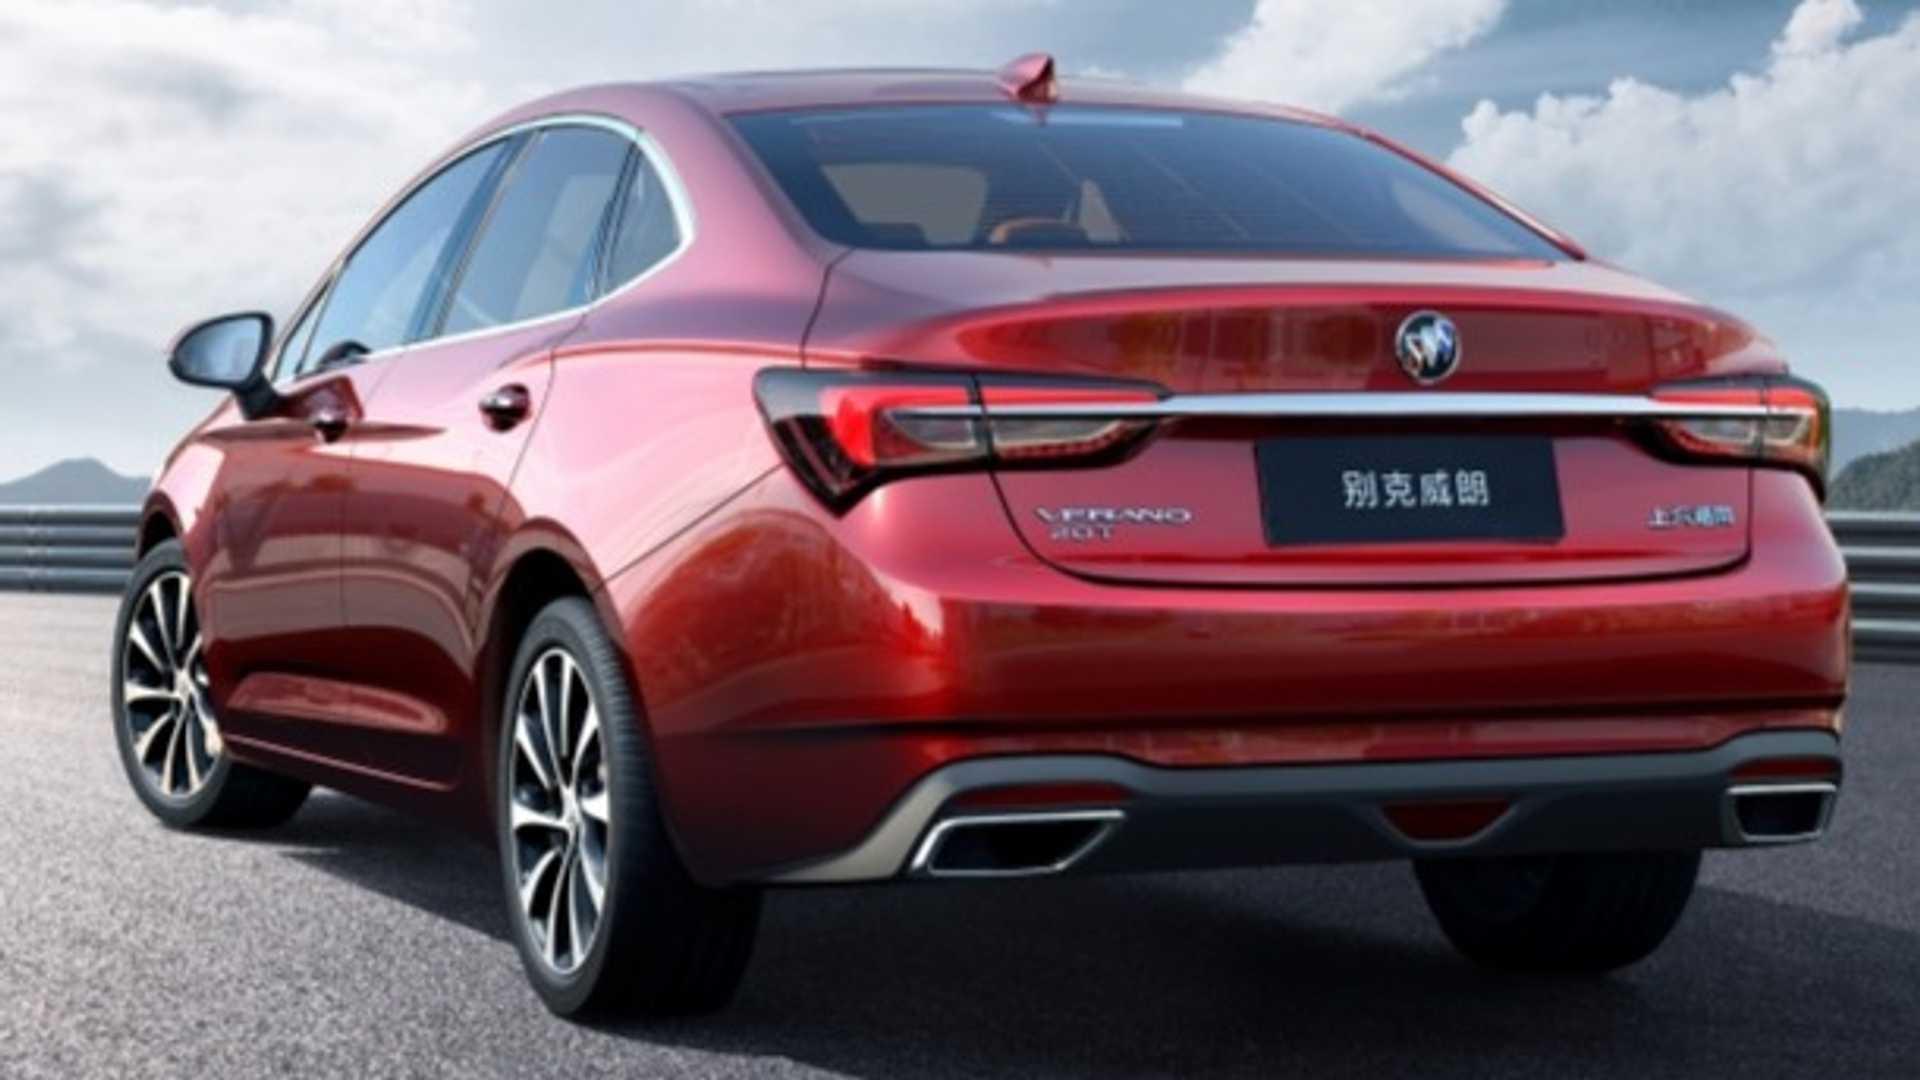 2020 All Buick Verano Concept